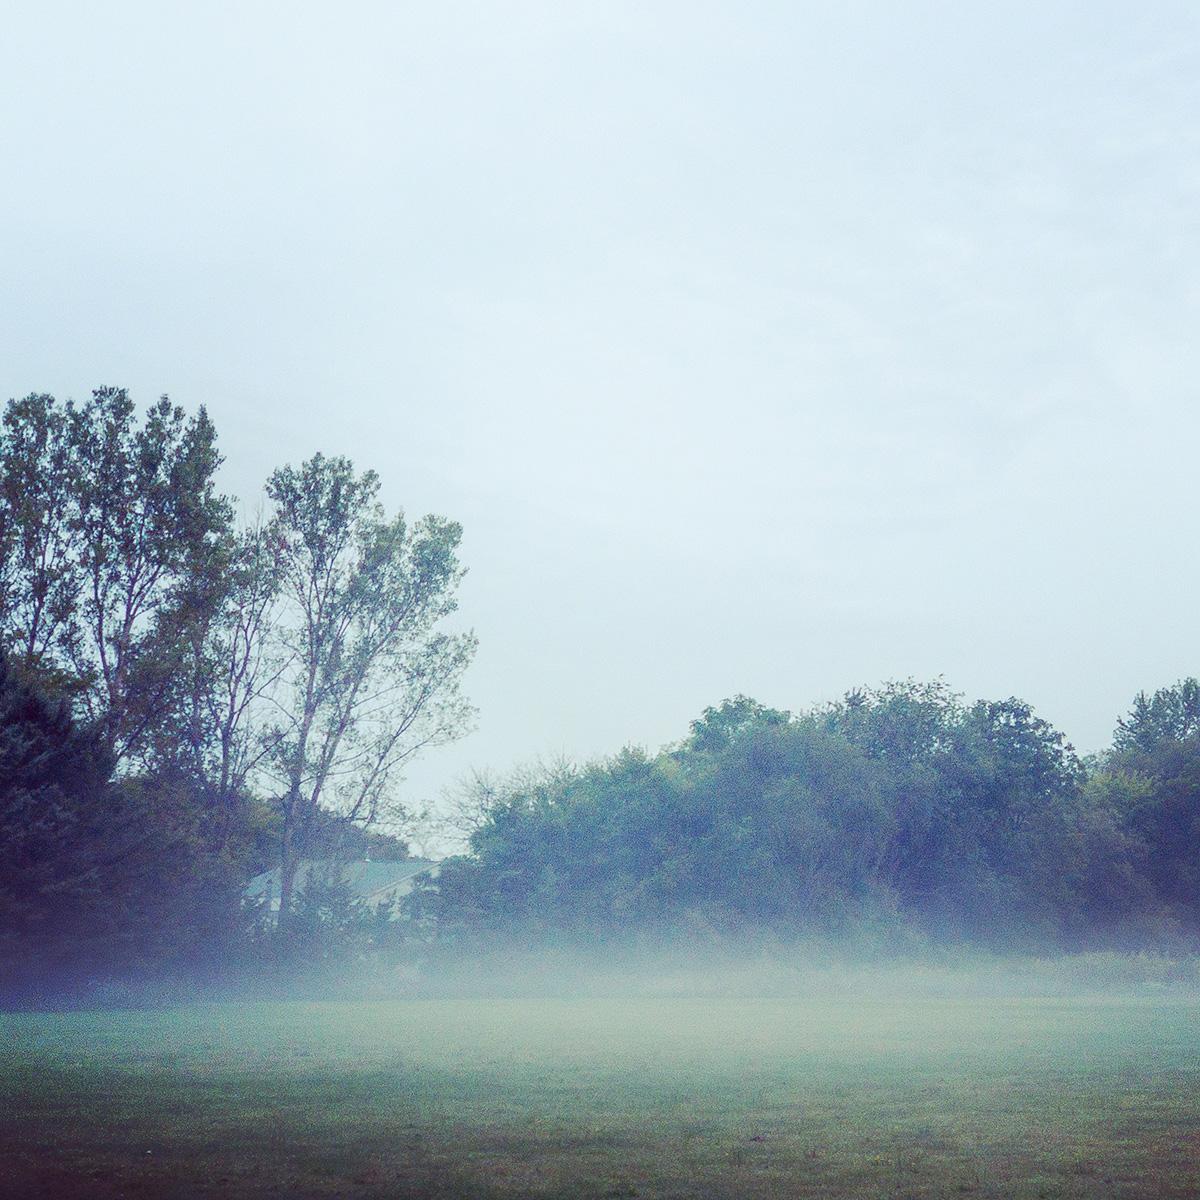 iPhone Fog